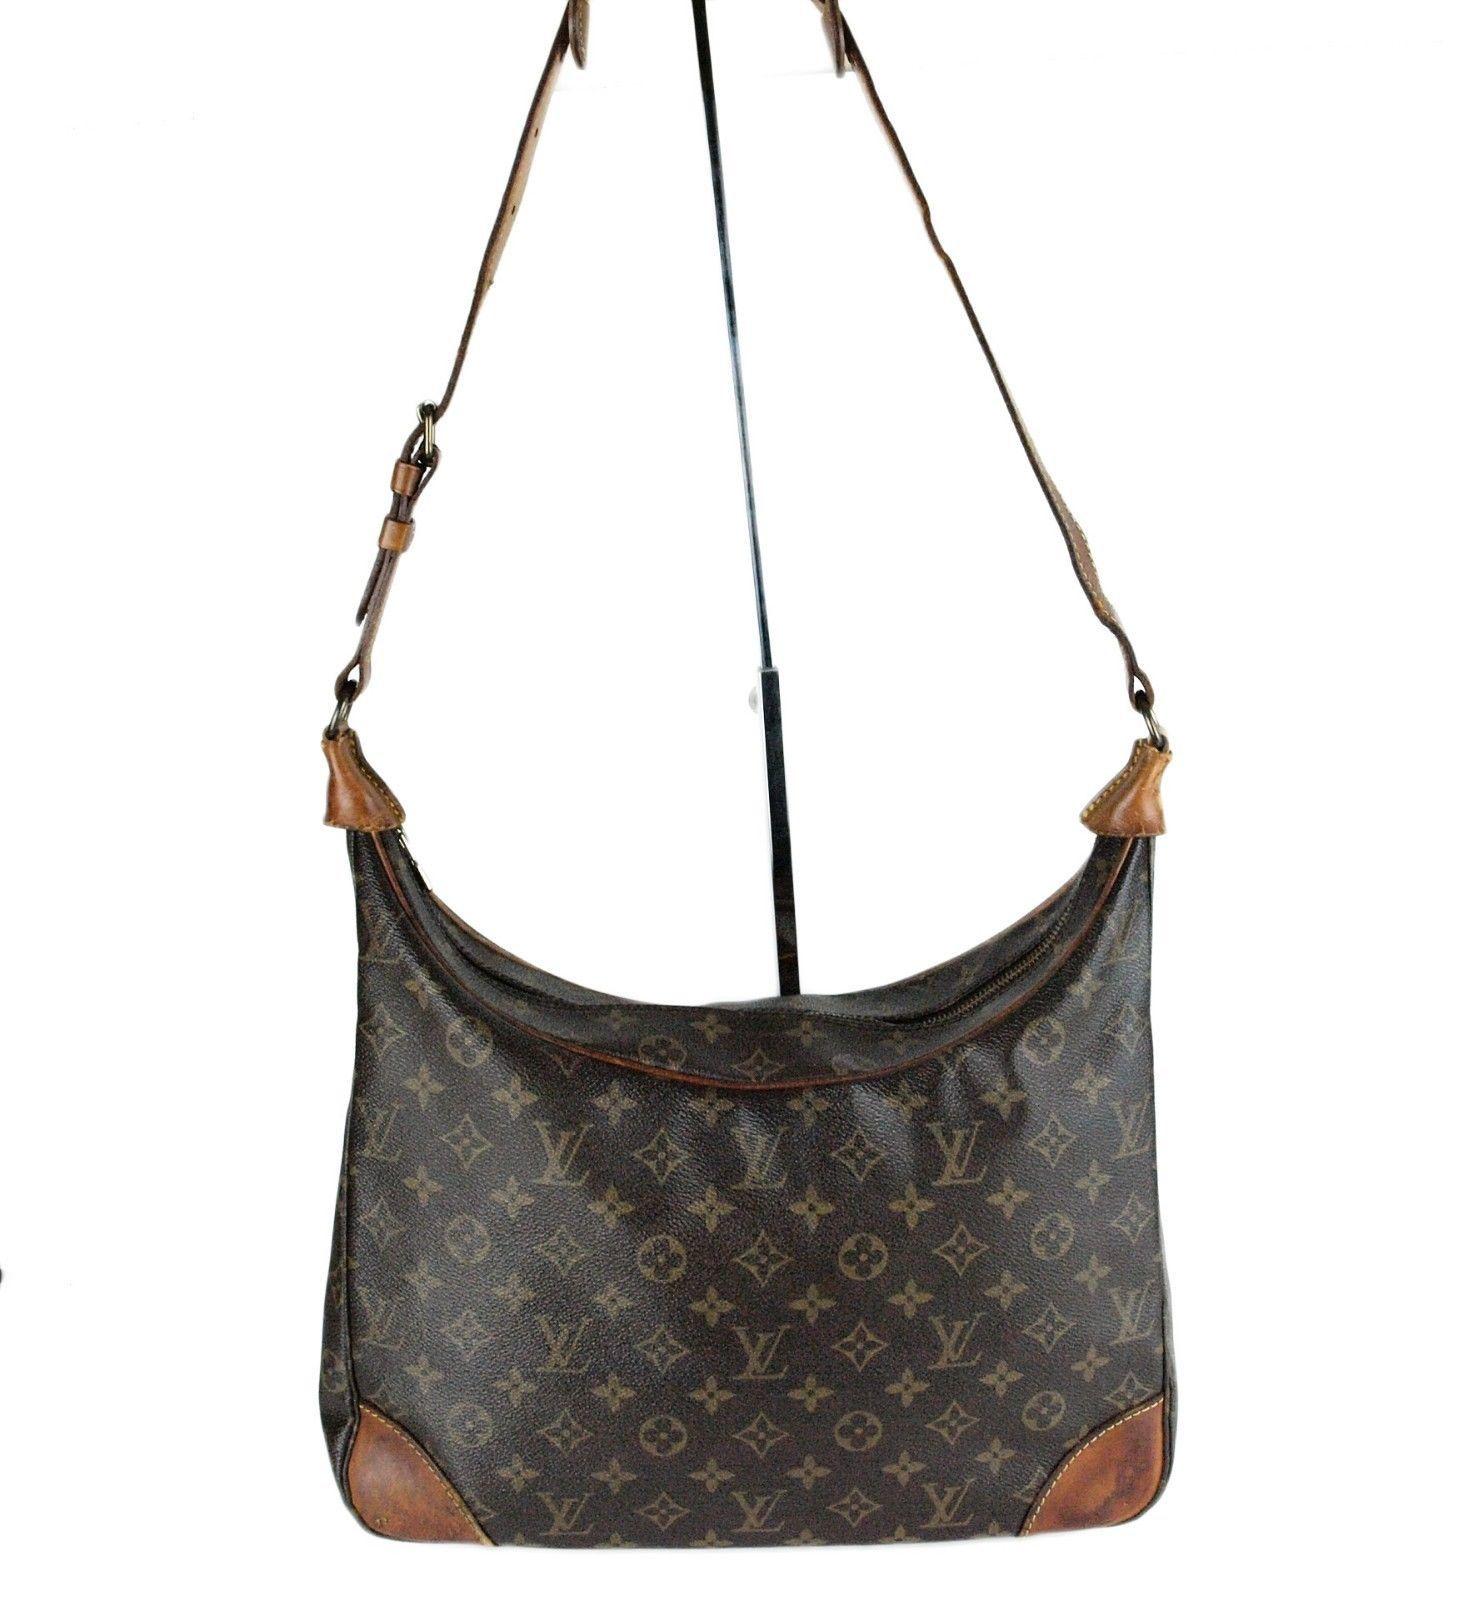 Auth Louis Vuitton Monogram Canvas 35 BOULOGNE GM Shoulder Bag France 8906 A2 - $444.51